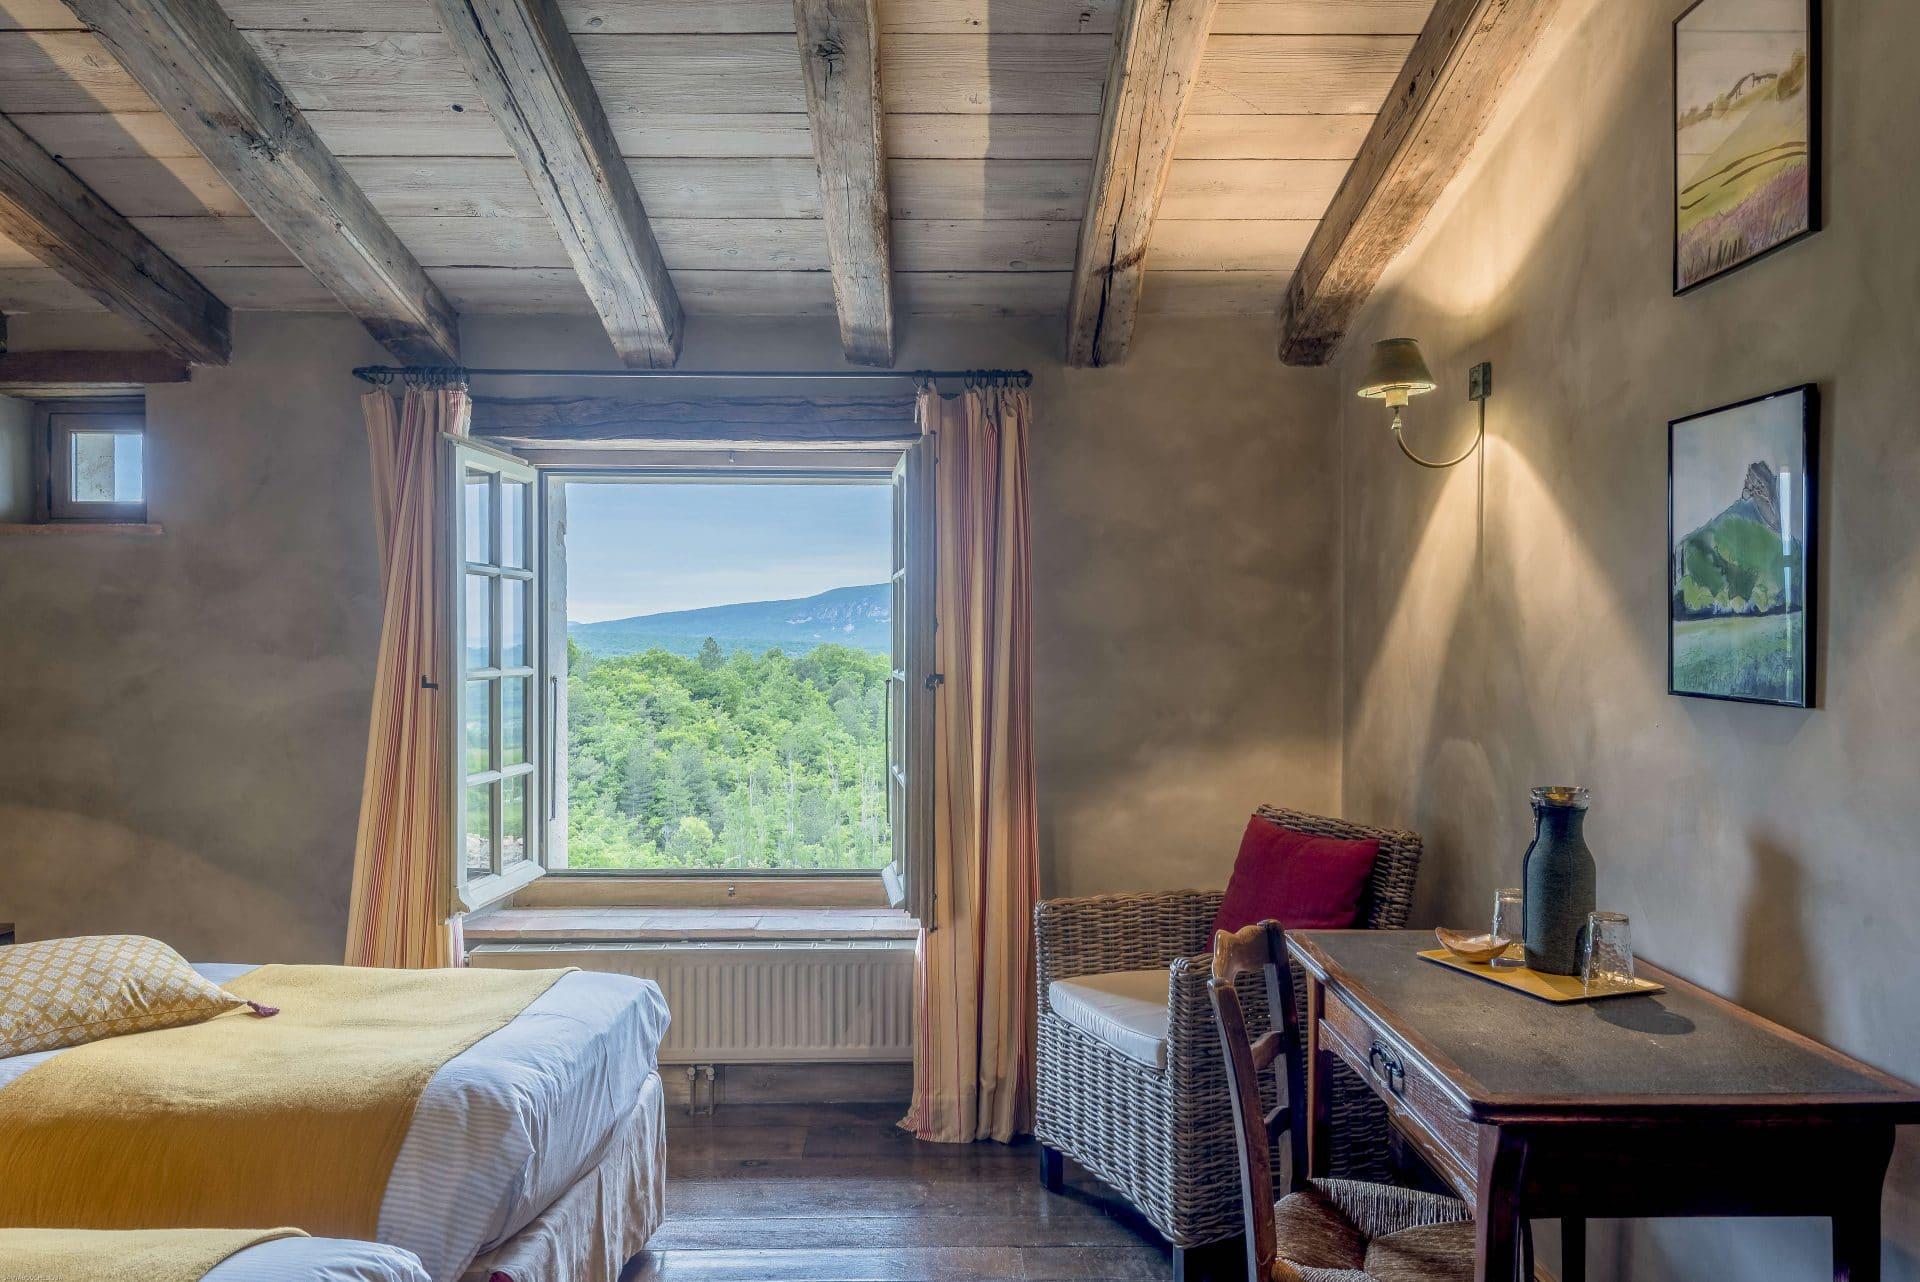 maison d'hôte drôme bnb Domaine du Roc Petite Suite